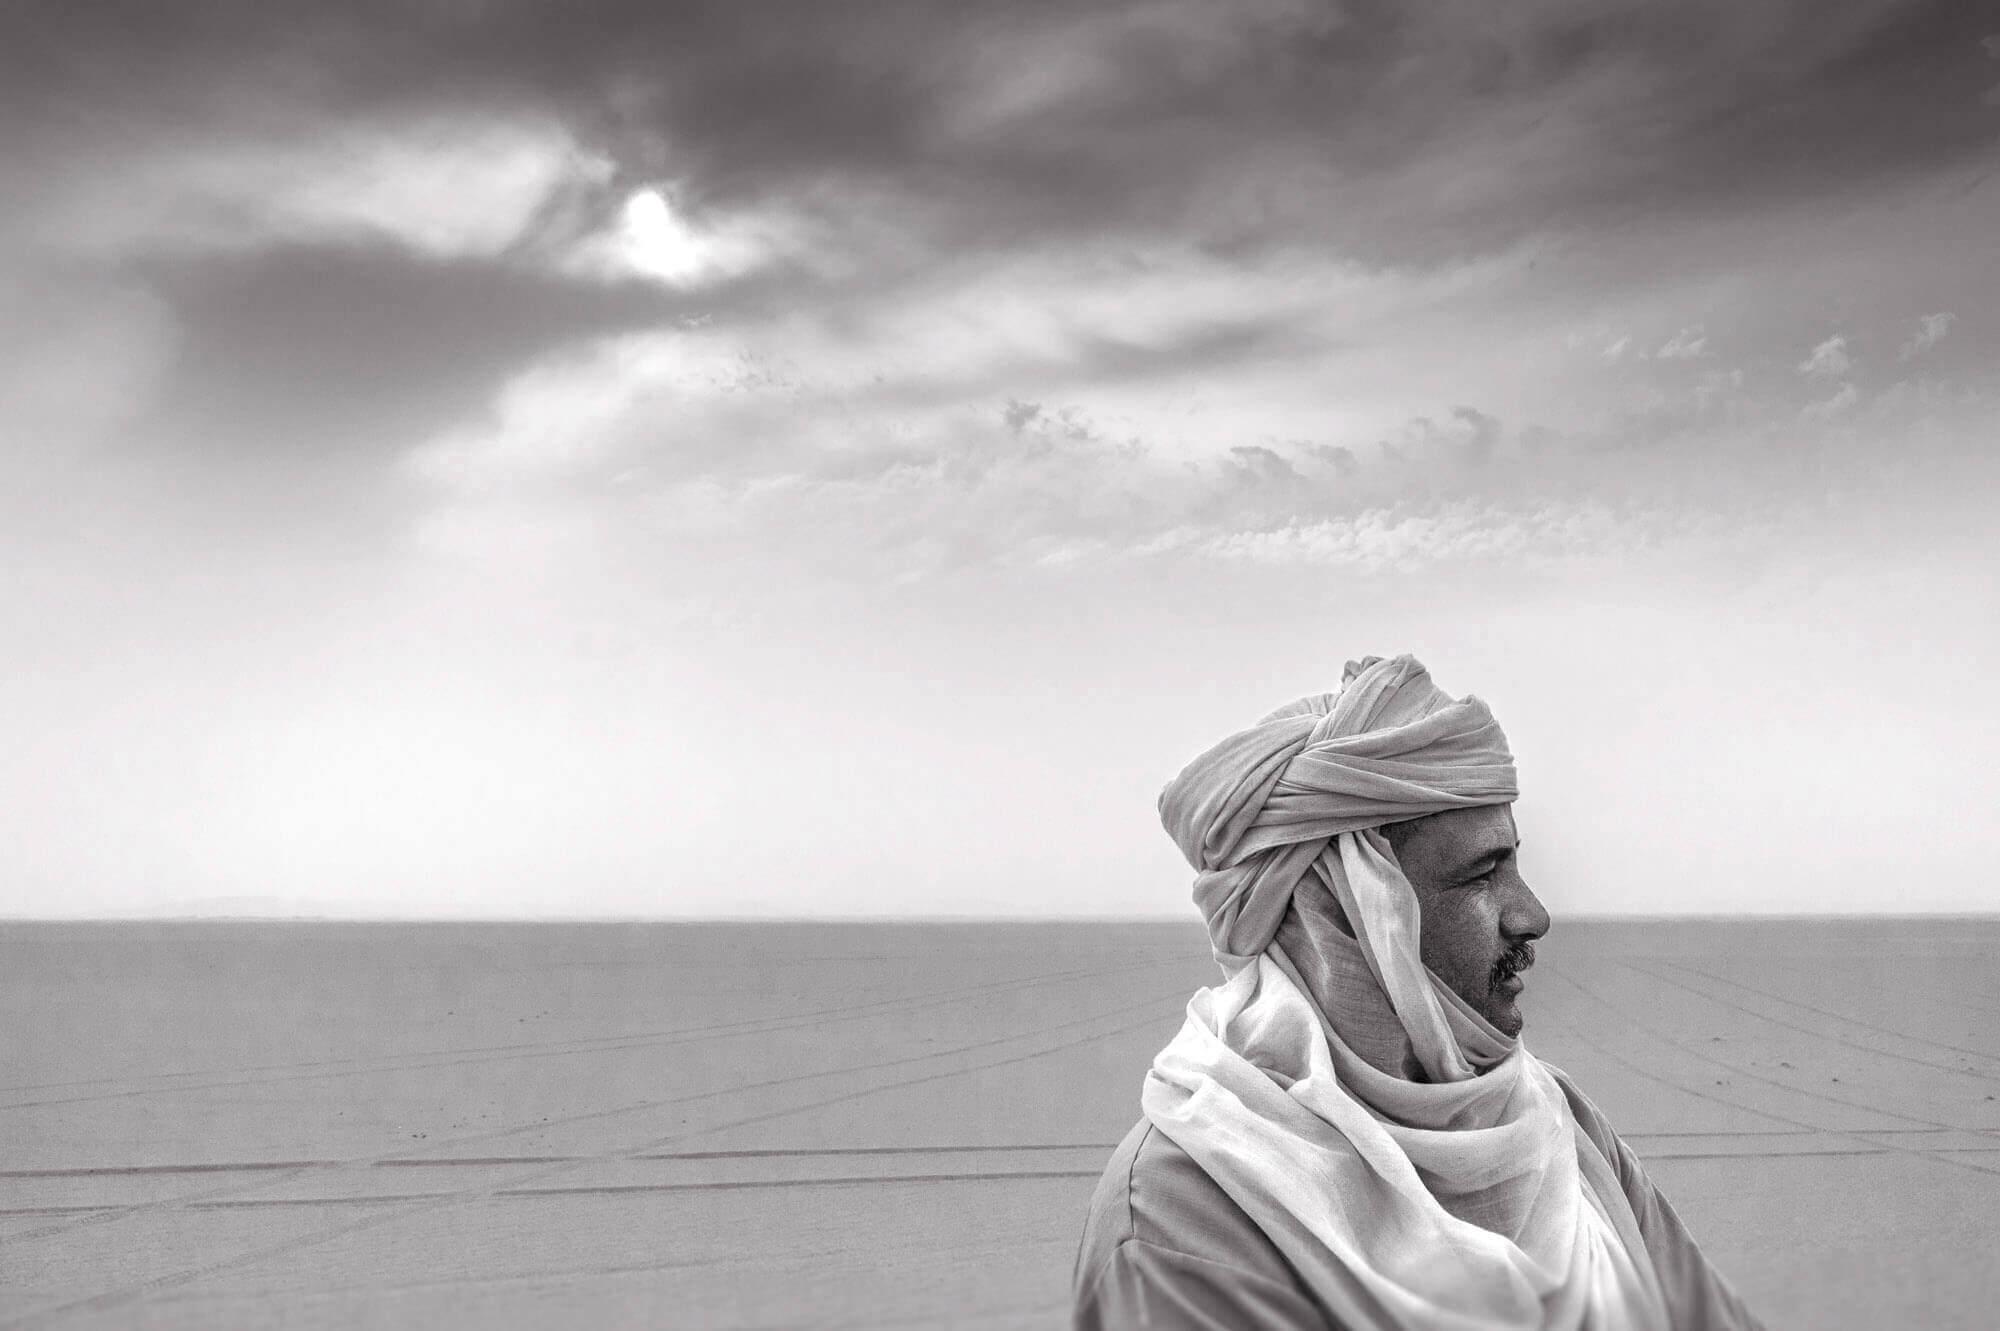 © Clément Racineux / Tonton Photo | Photographe | Reportage, portrait, corporate, voyage